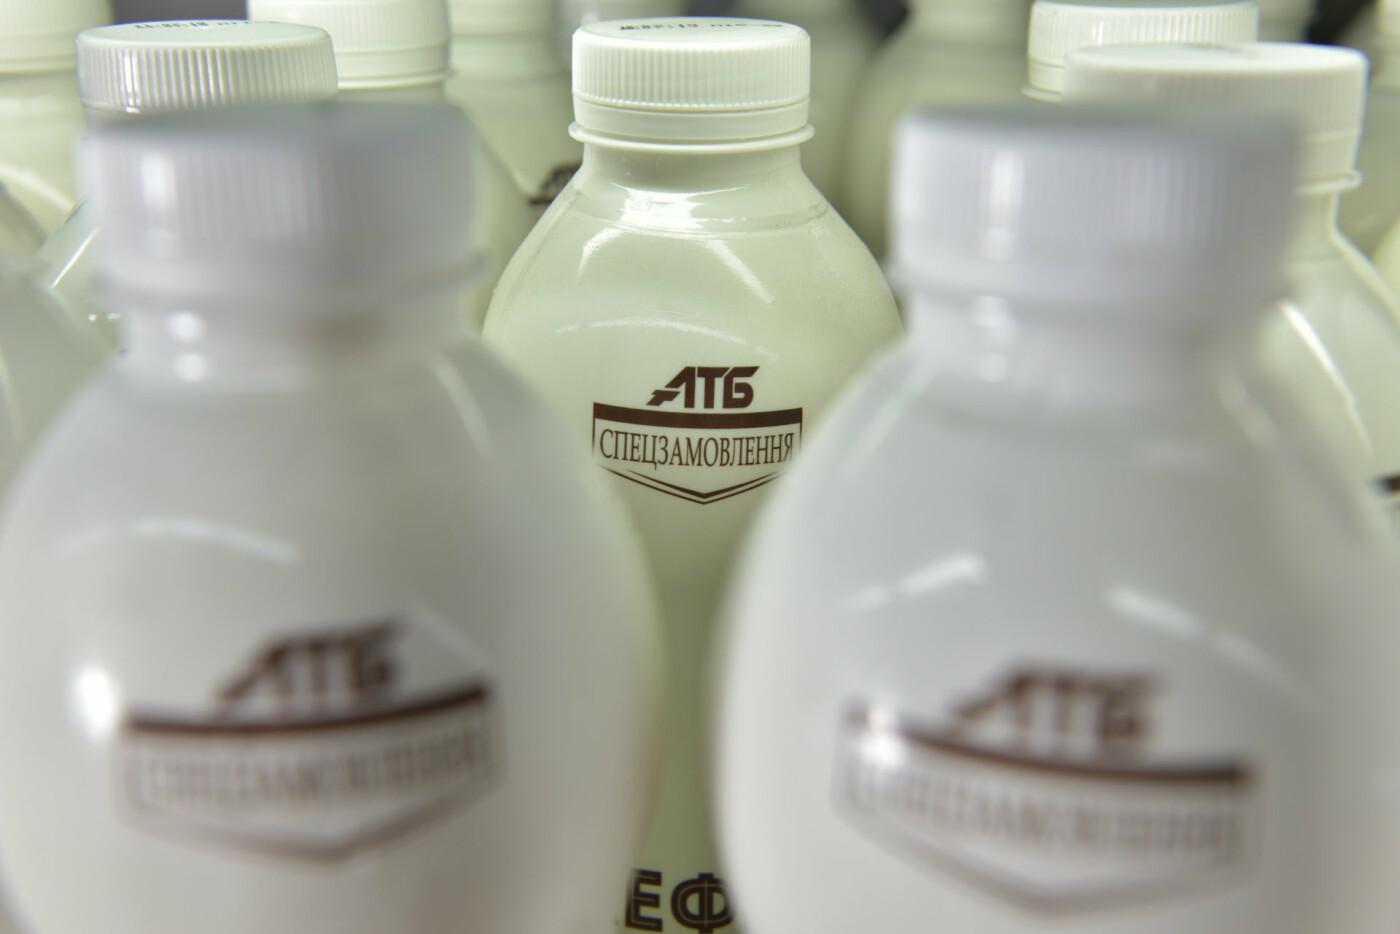 СУМно не буде! Цього року «АТБ» виводить на ринок лімітовані інноваційні товари, фото-3